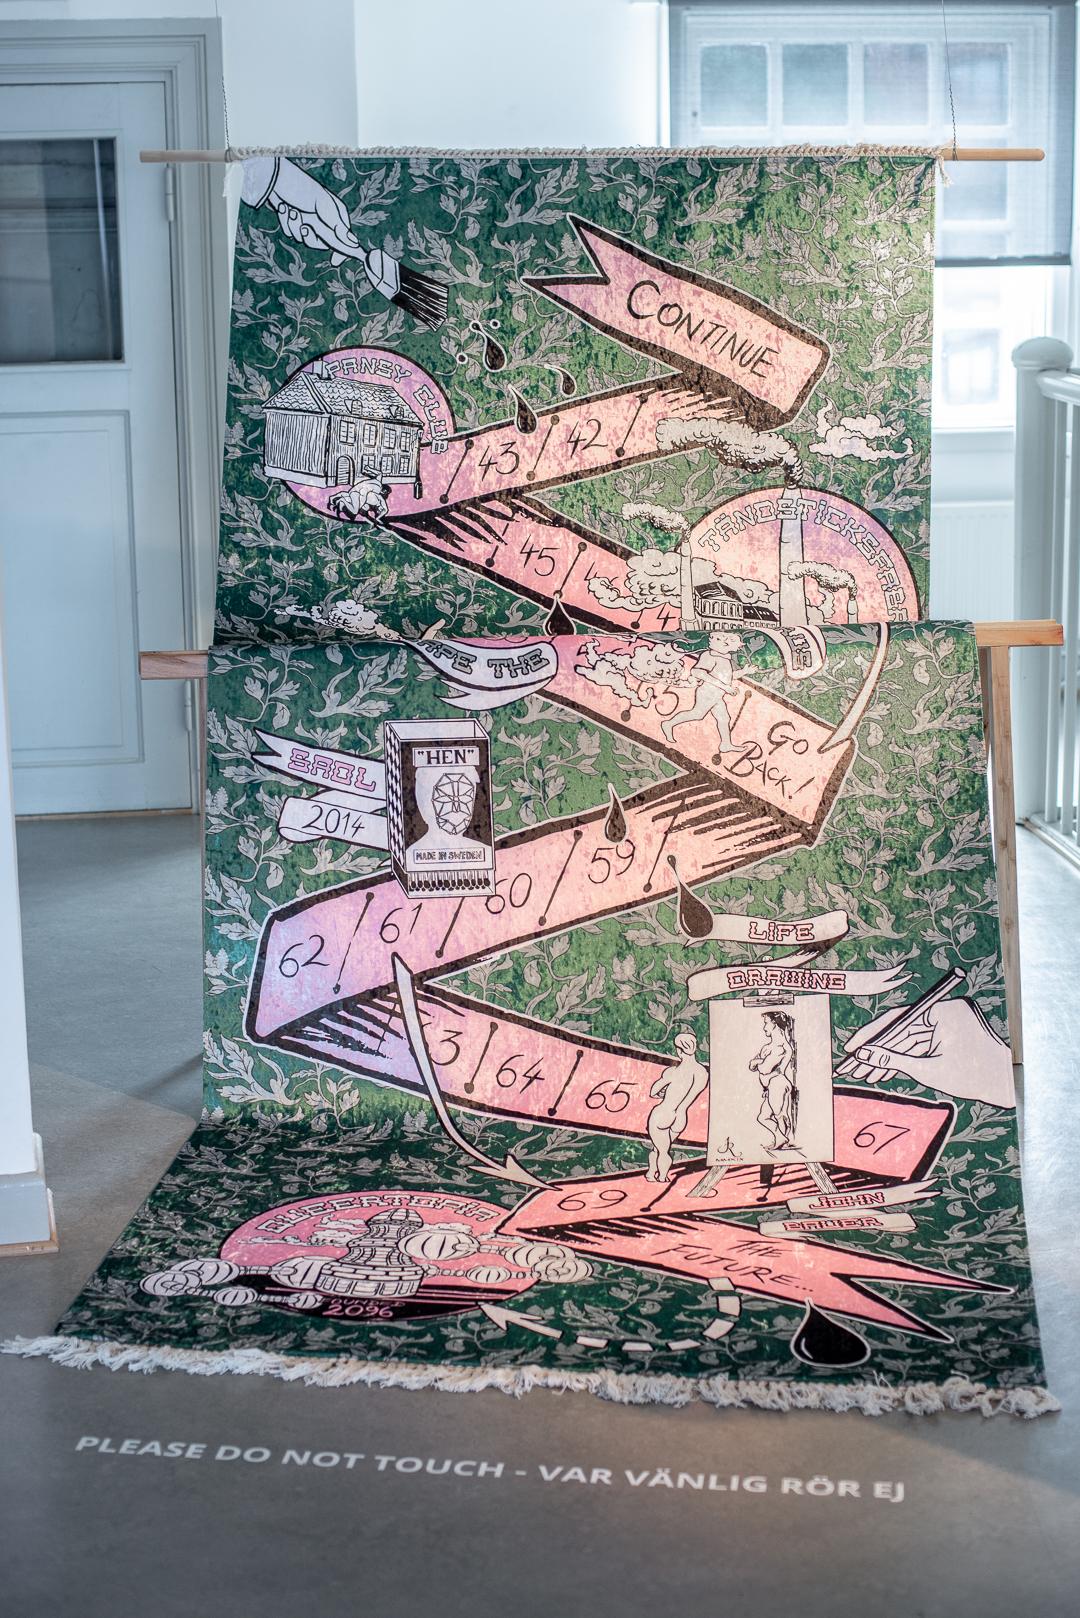 Photography credit: Linda Söndergaard, Jönköping kommun